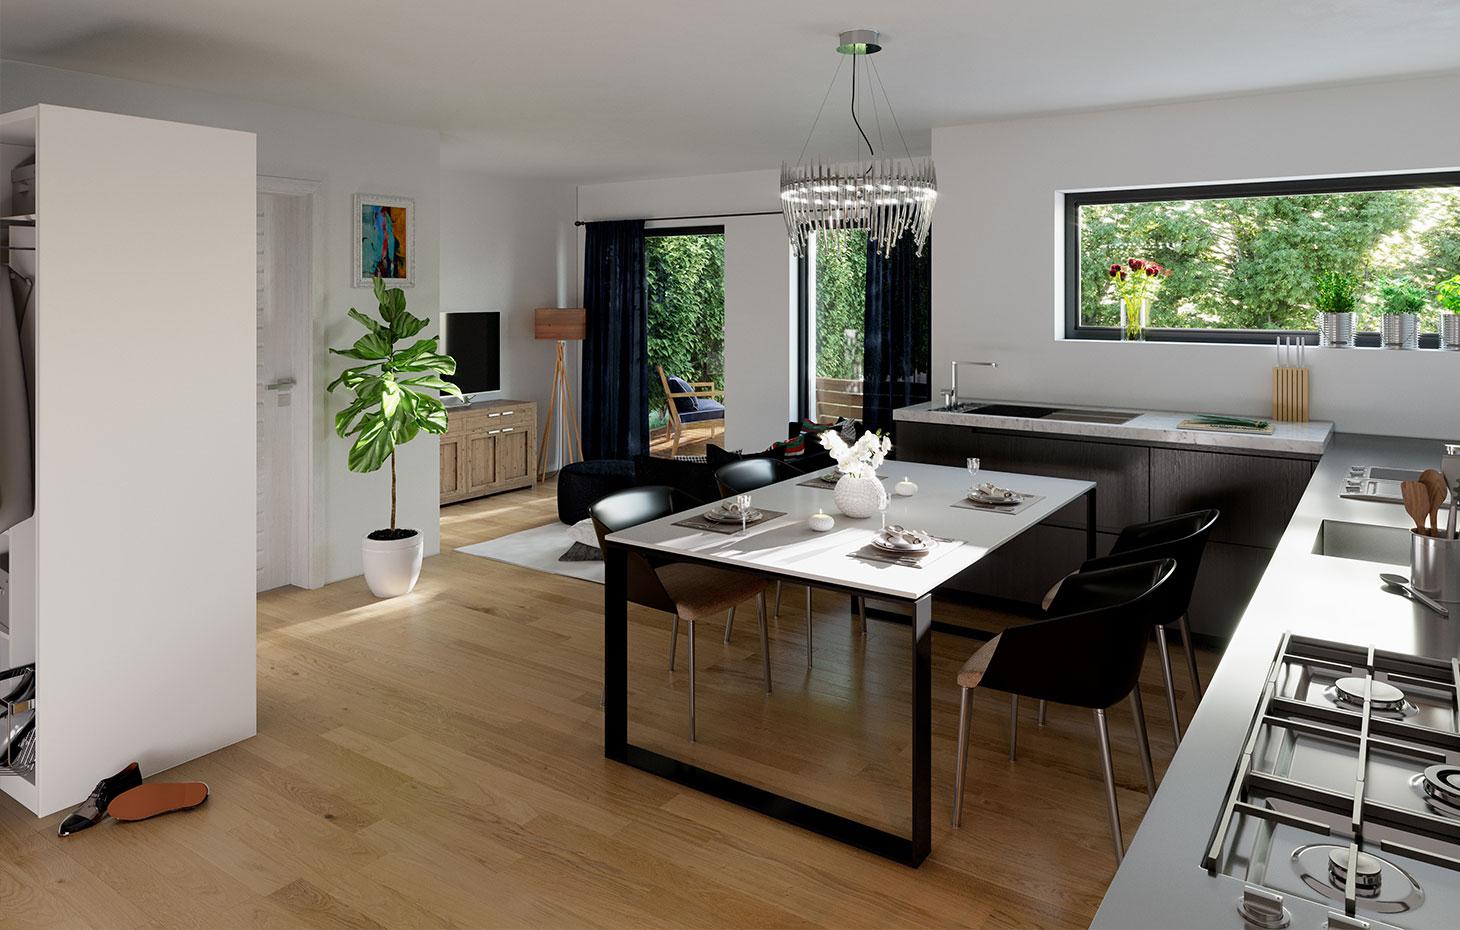 Zweifamilienhau mit-quadratischem Hauskörper